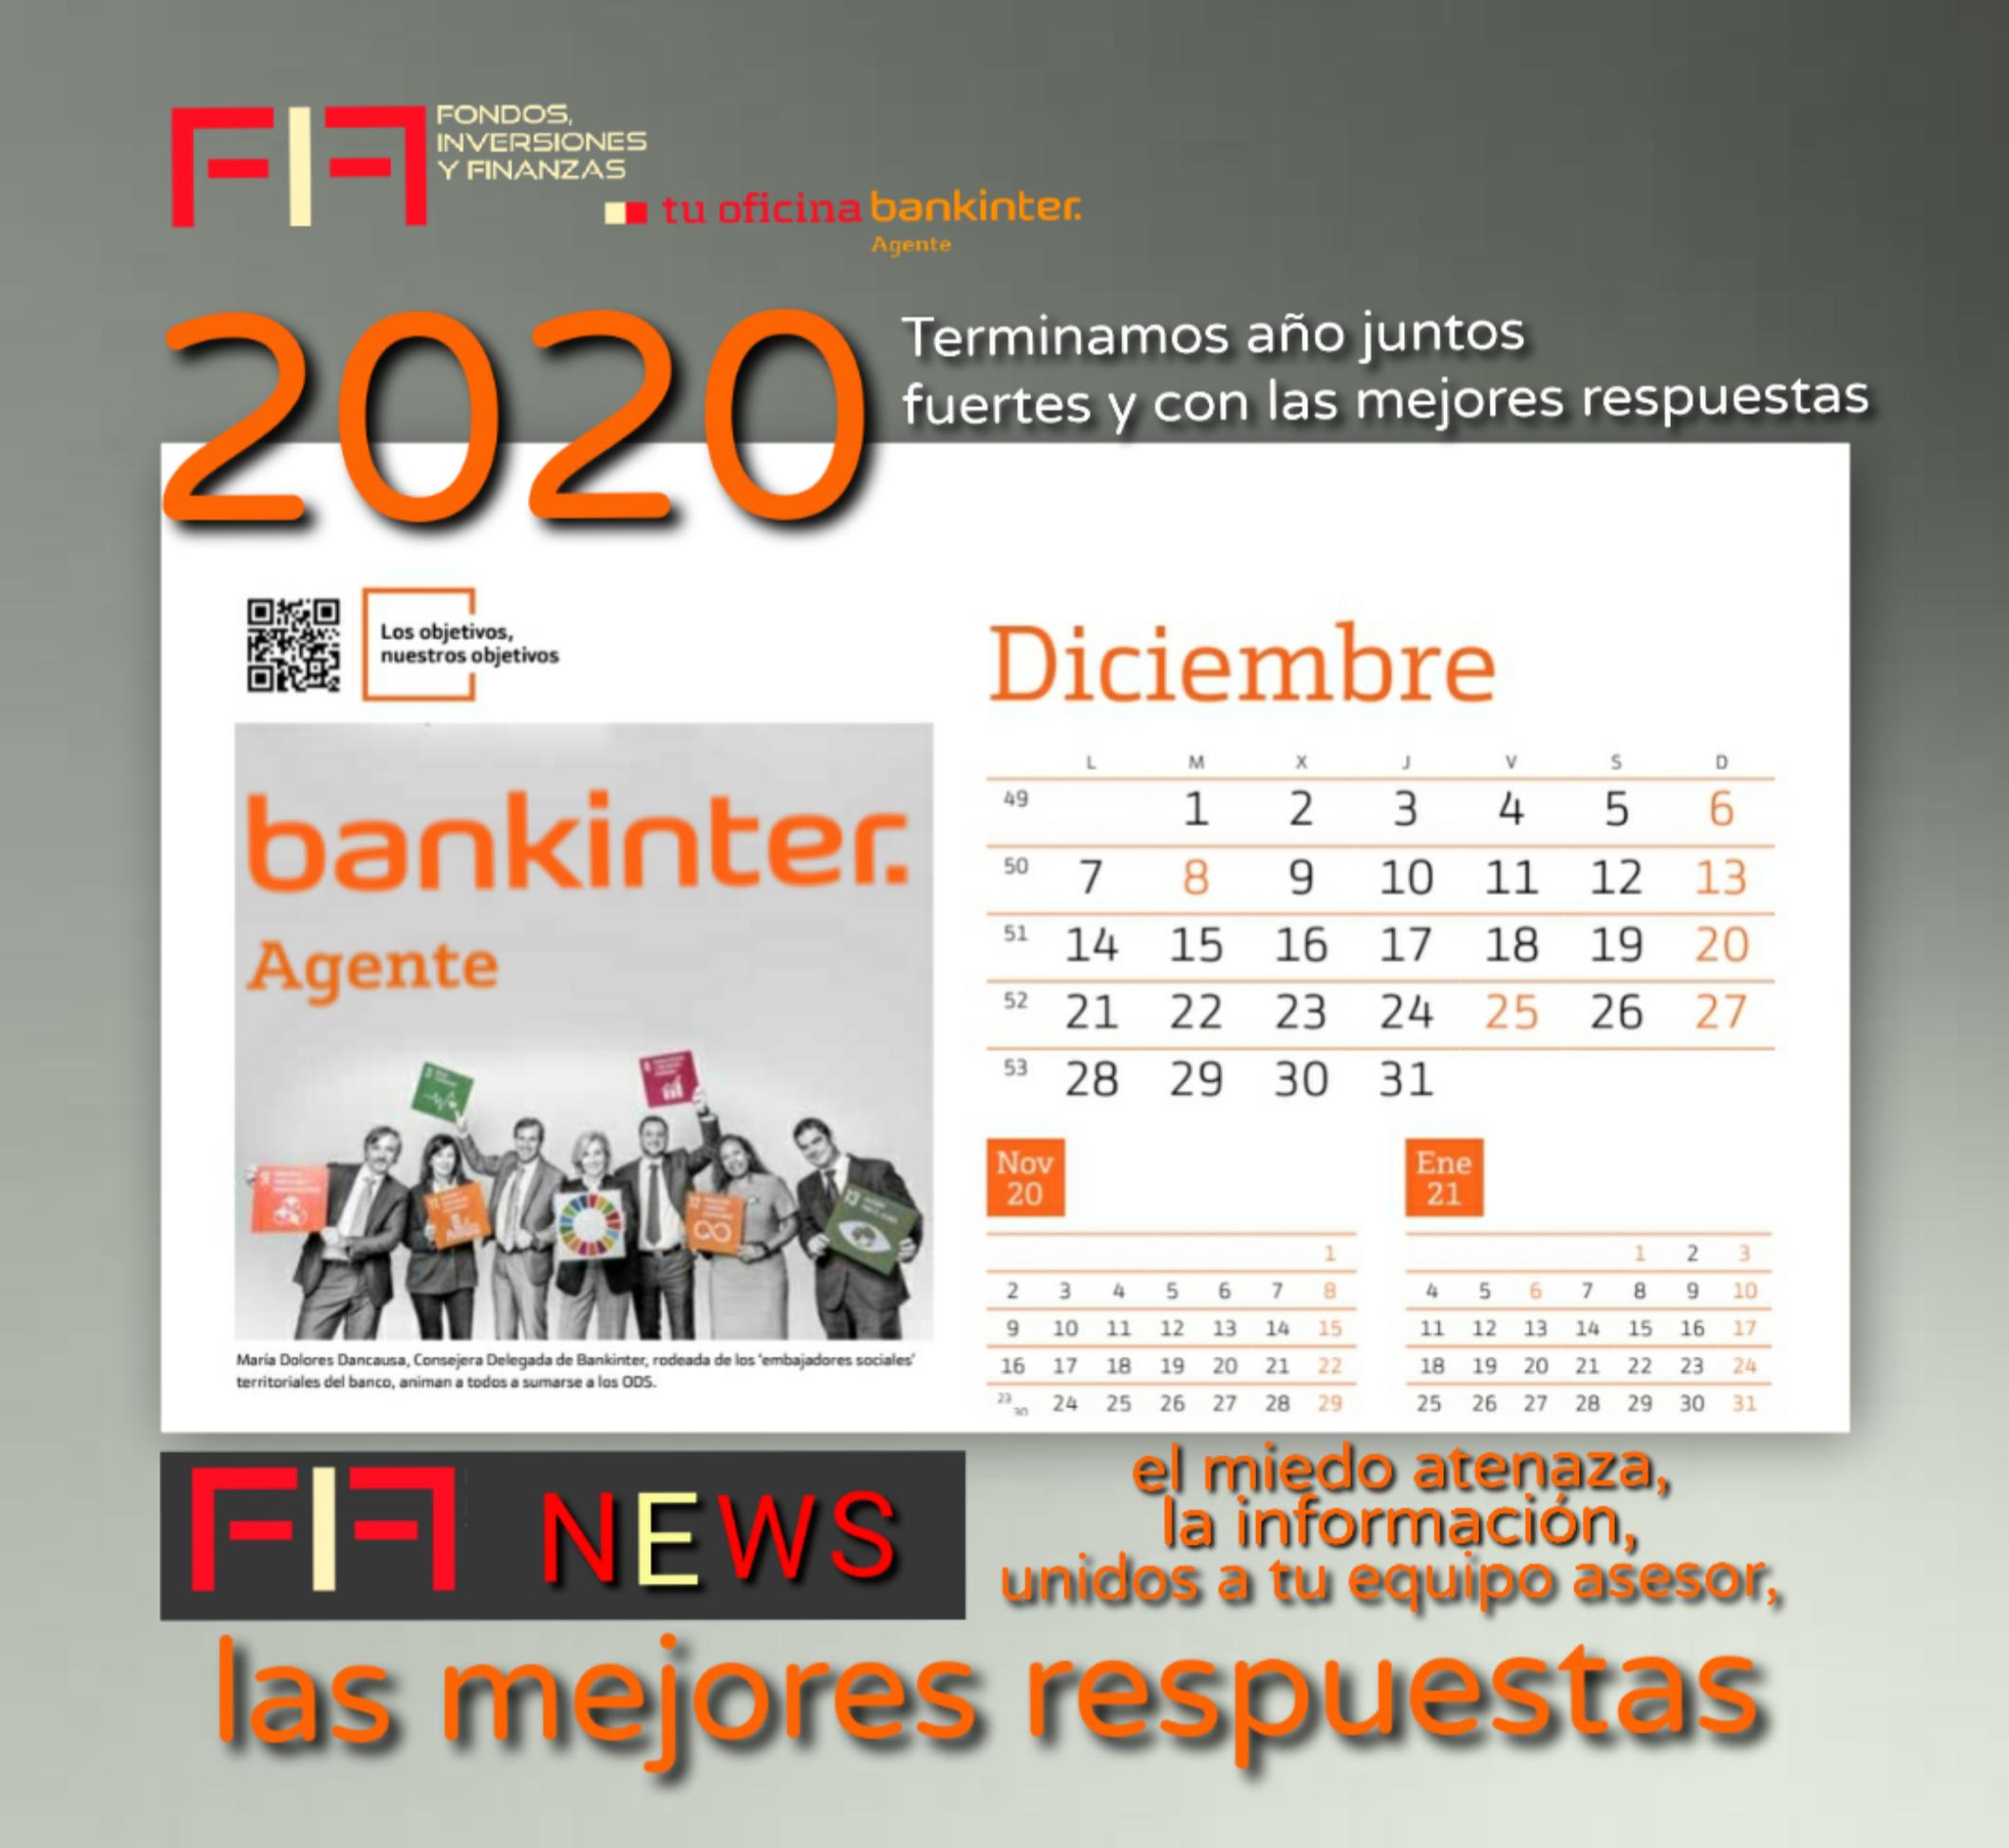 """FIFNEWS DIC2020: """"Terminamos año juntos, y con las mejores respuestas"""""""